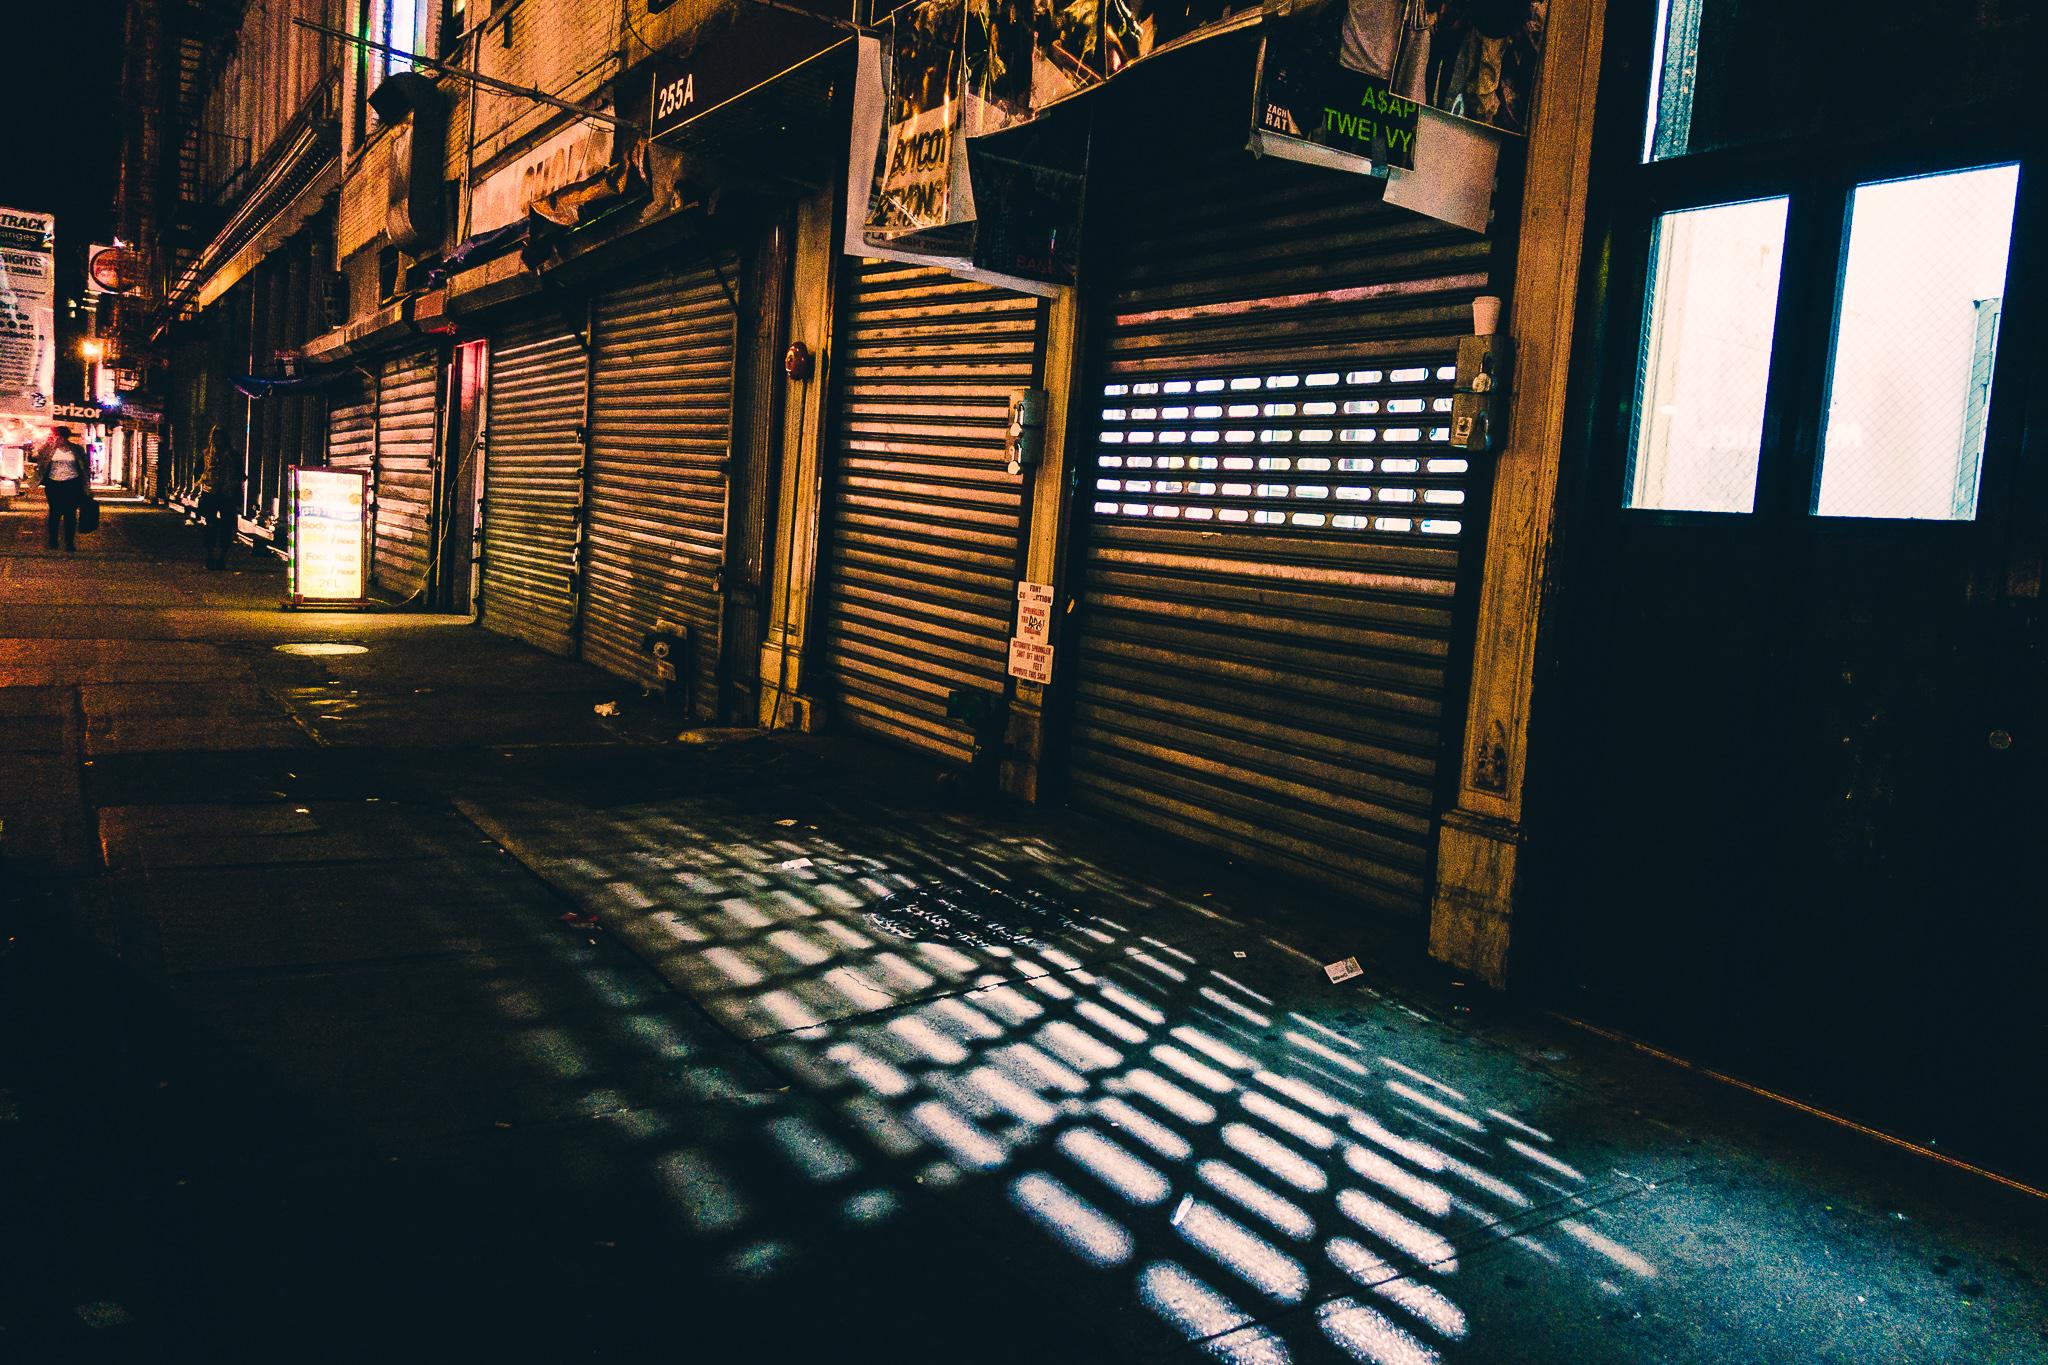 Chinatown New York City Sony RX100V